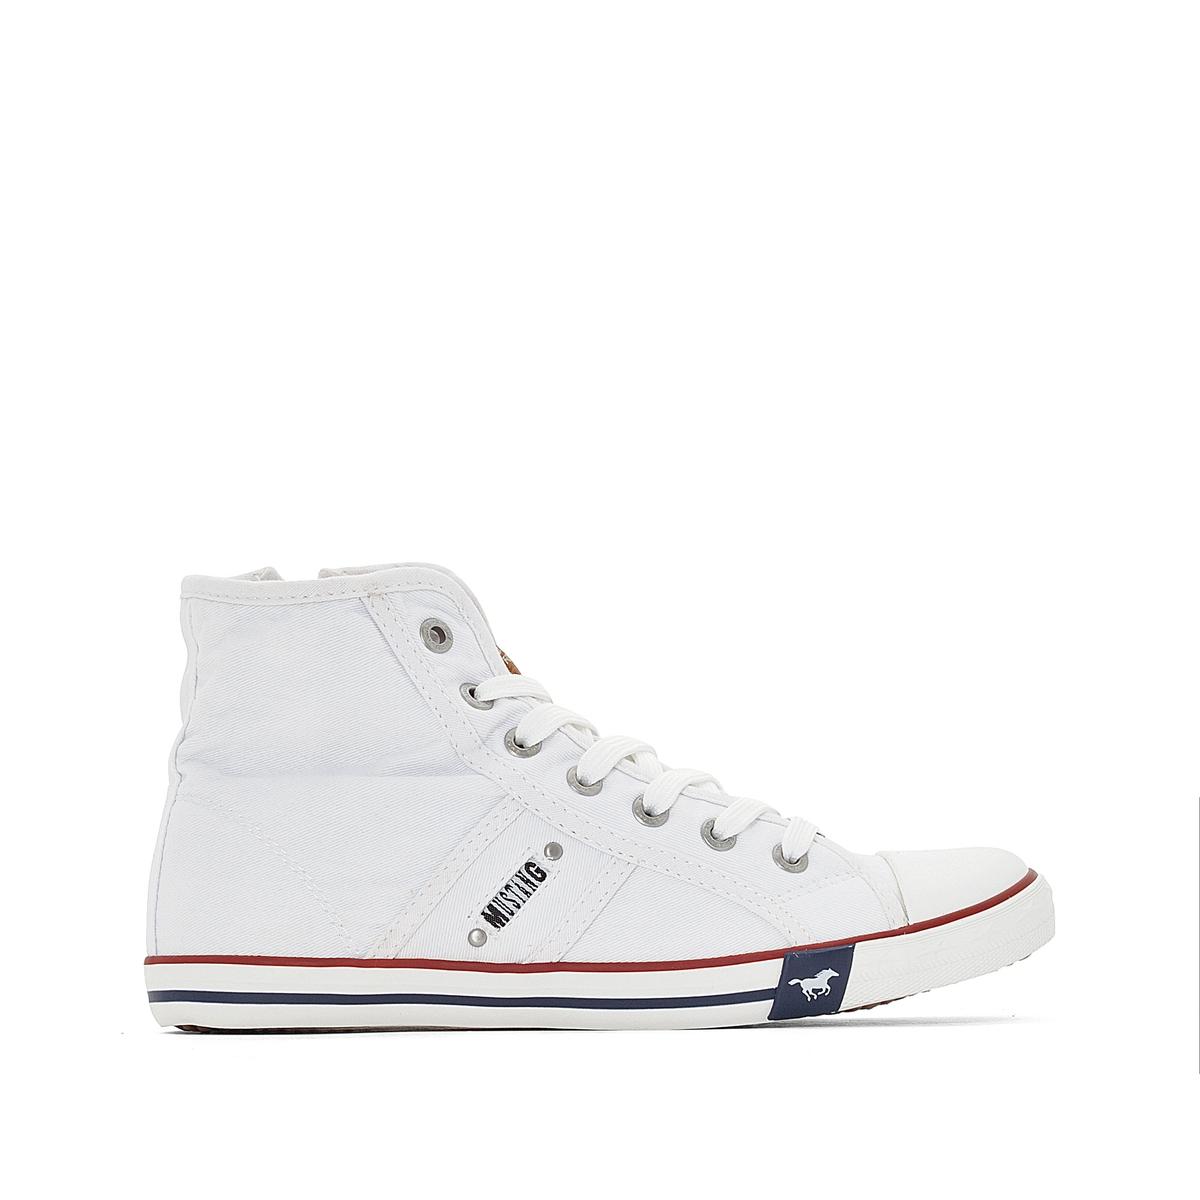 Кроссовки высокие из тканиВерх : хлопок       Подкладка : хлопок       Стелька : хлопок       Подошва : каучук       Застежка : Шнуровка<br><br>Цвет: белый